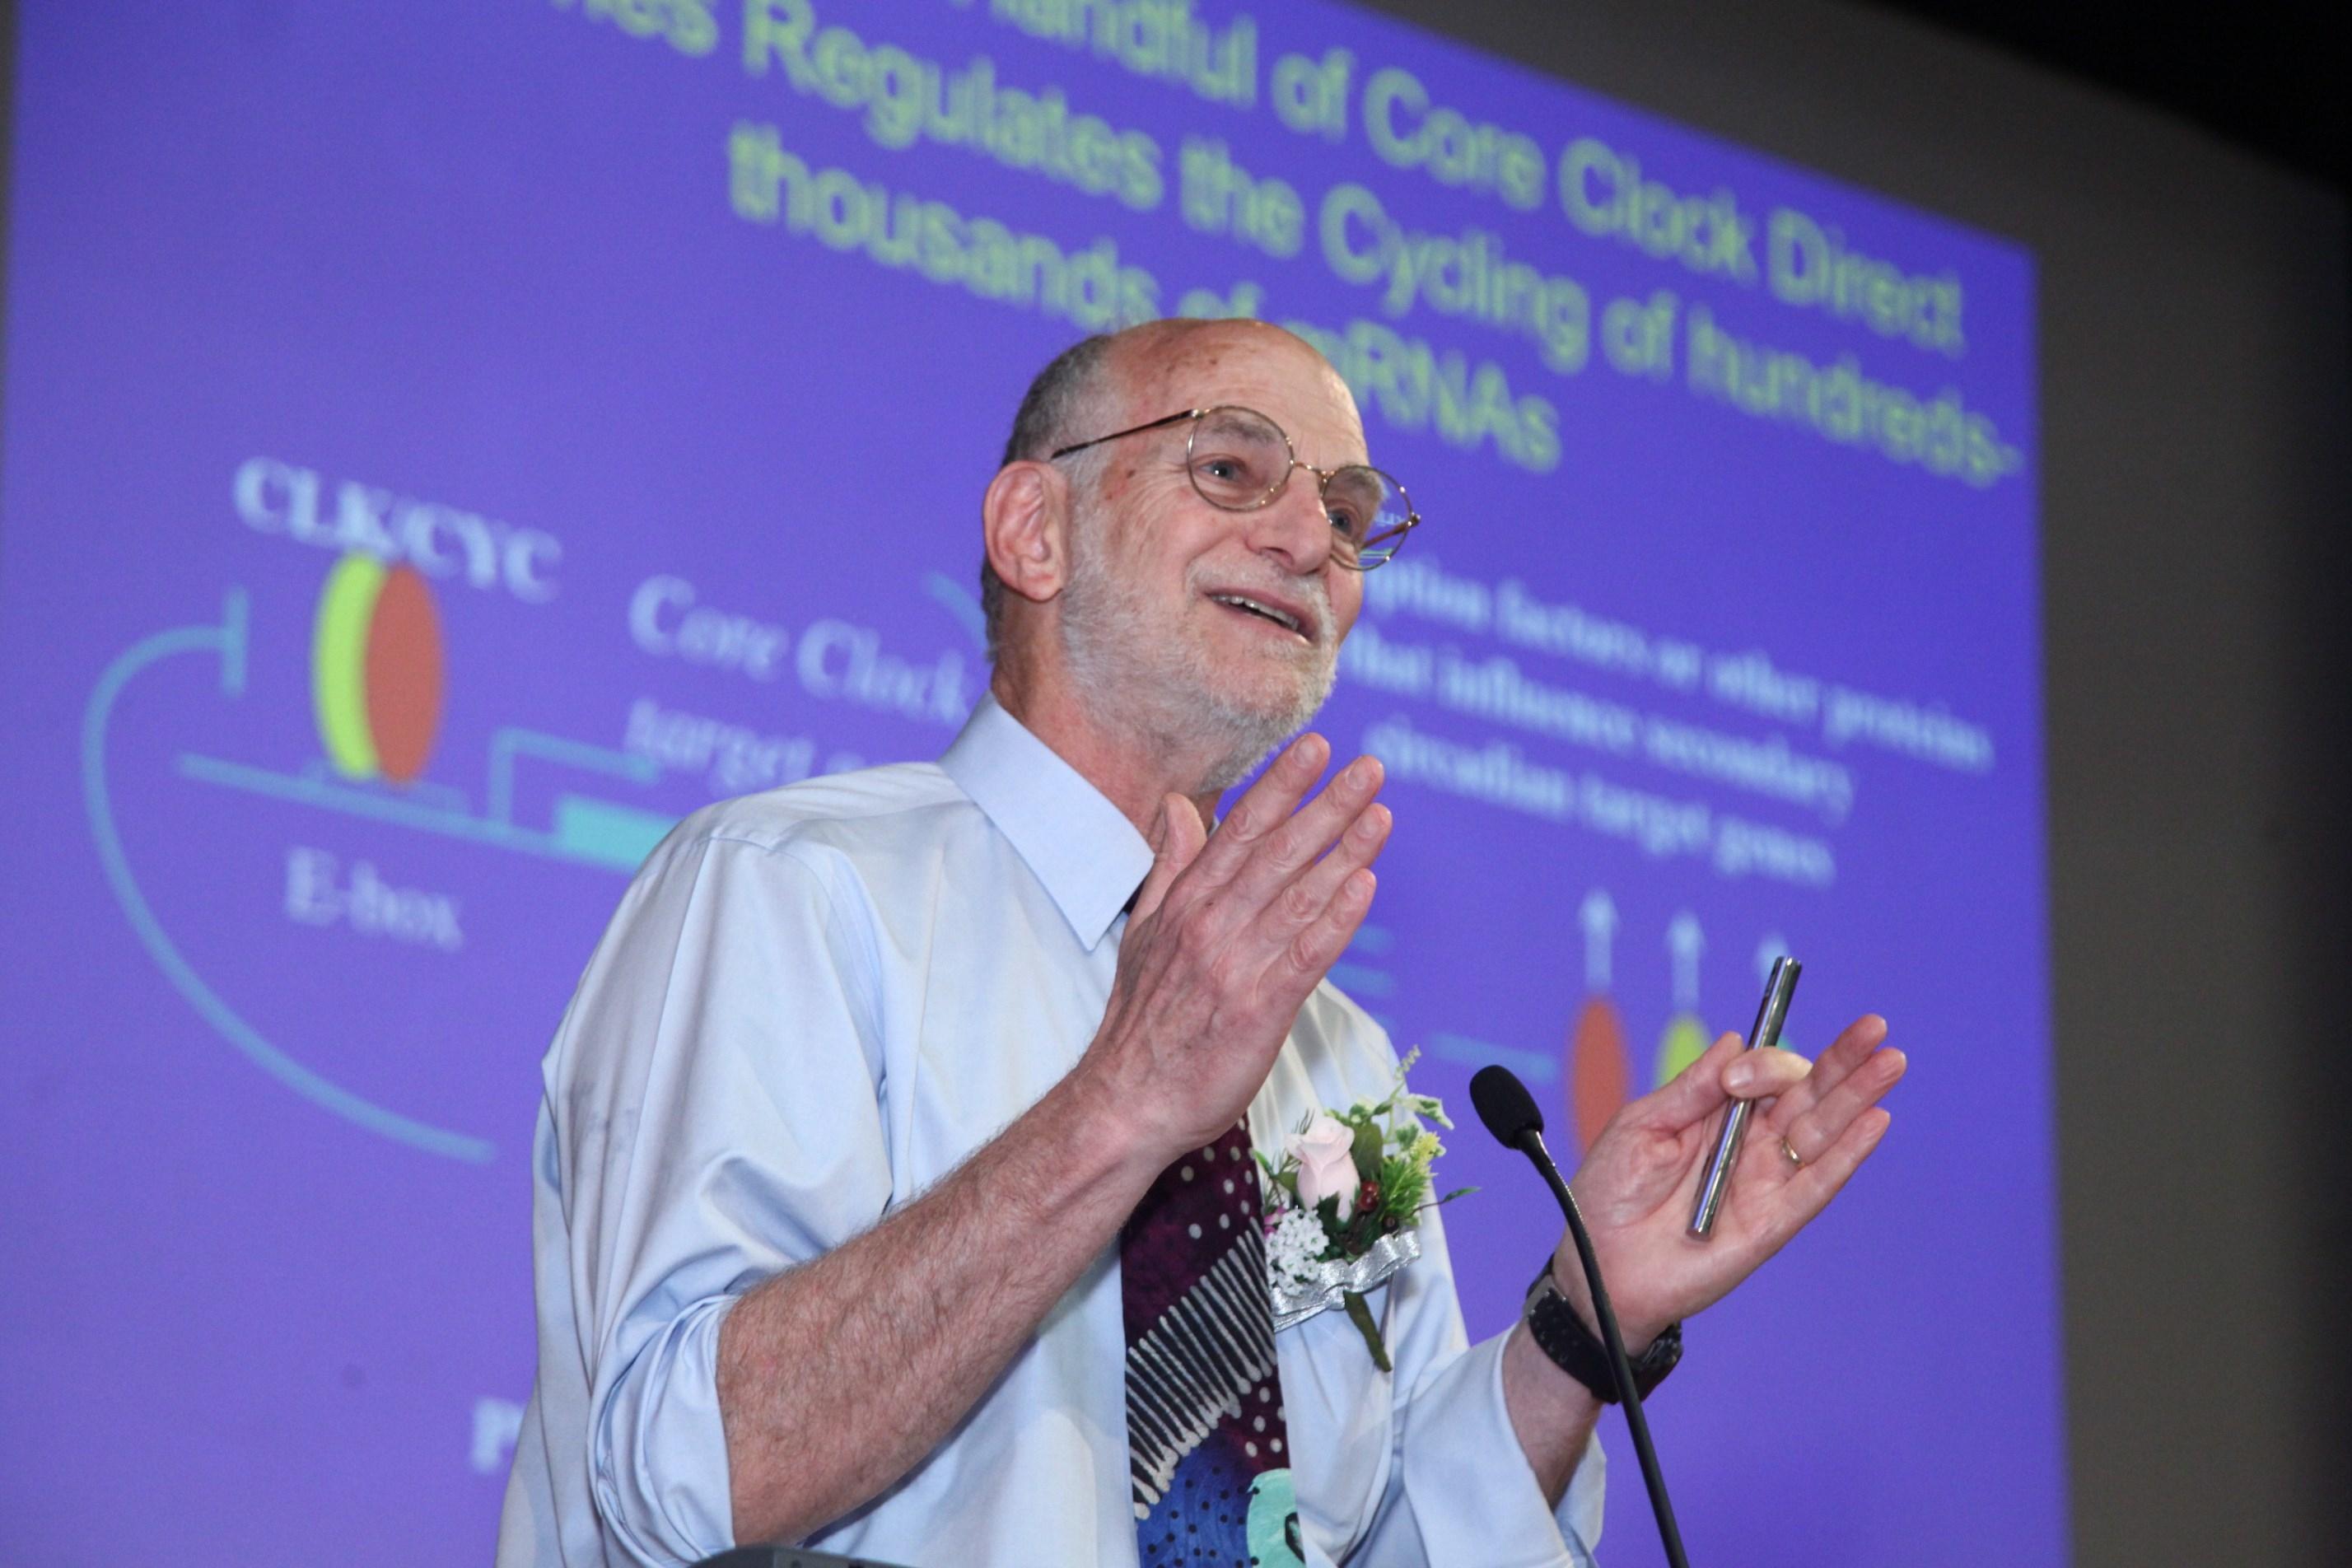 邁克爾•羅斯巴殊教授以「晝夜節律的循環控制:回望廿載與展望未來」為題發表演說。